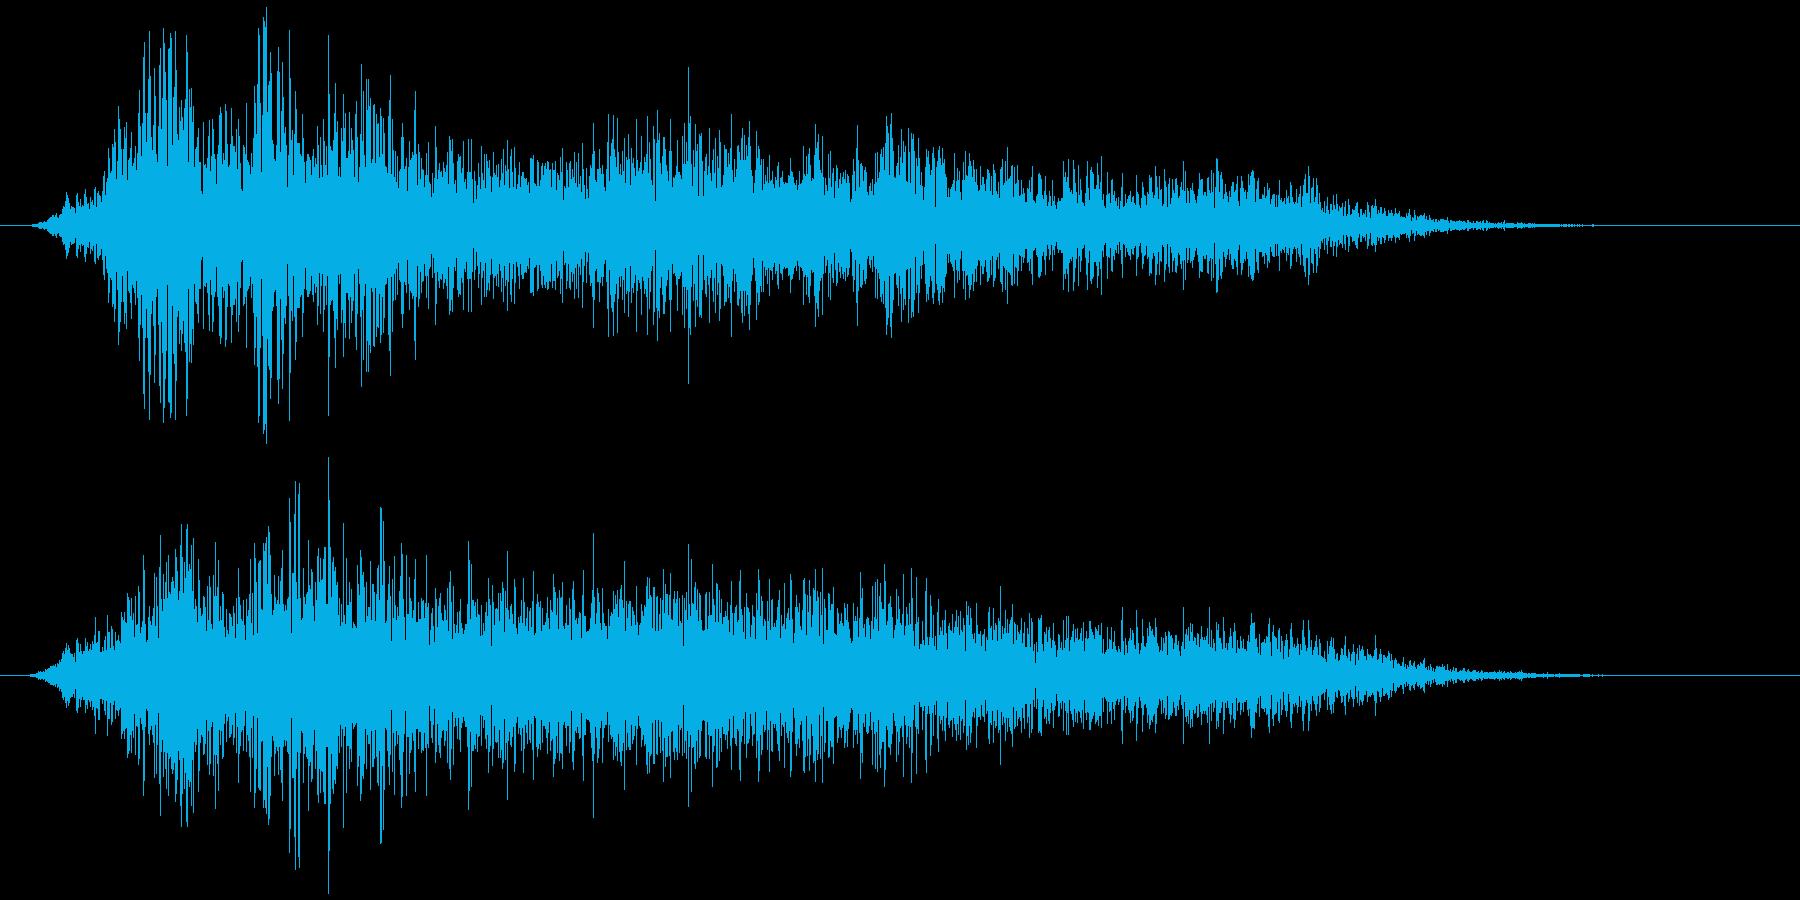 障子を開ける(閉める) ザァーッの再生済みの波形